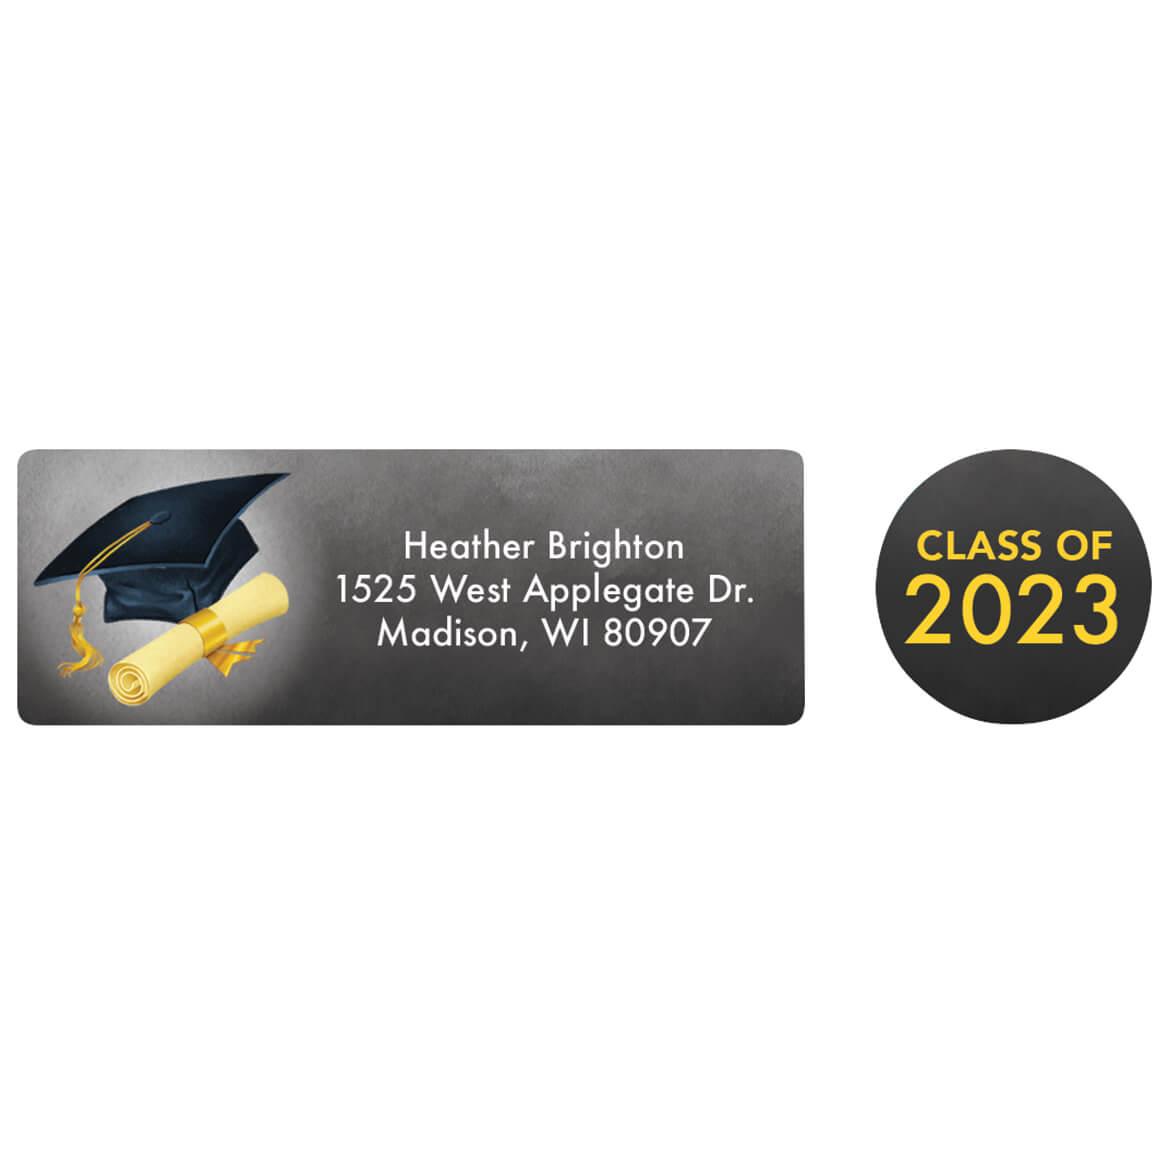 Personalized Graduation Labels & Seals 60-369011